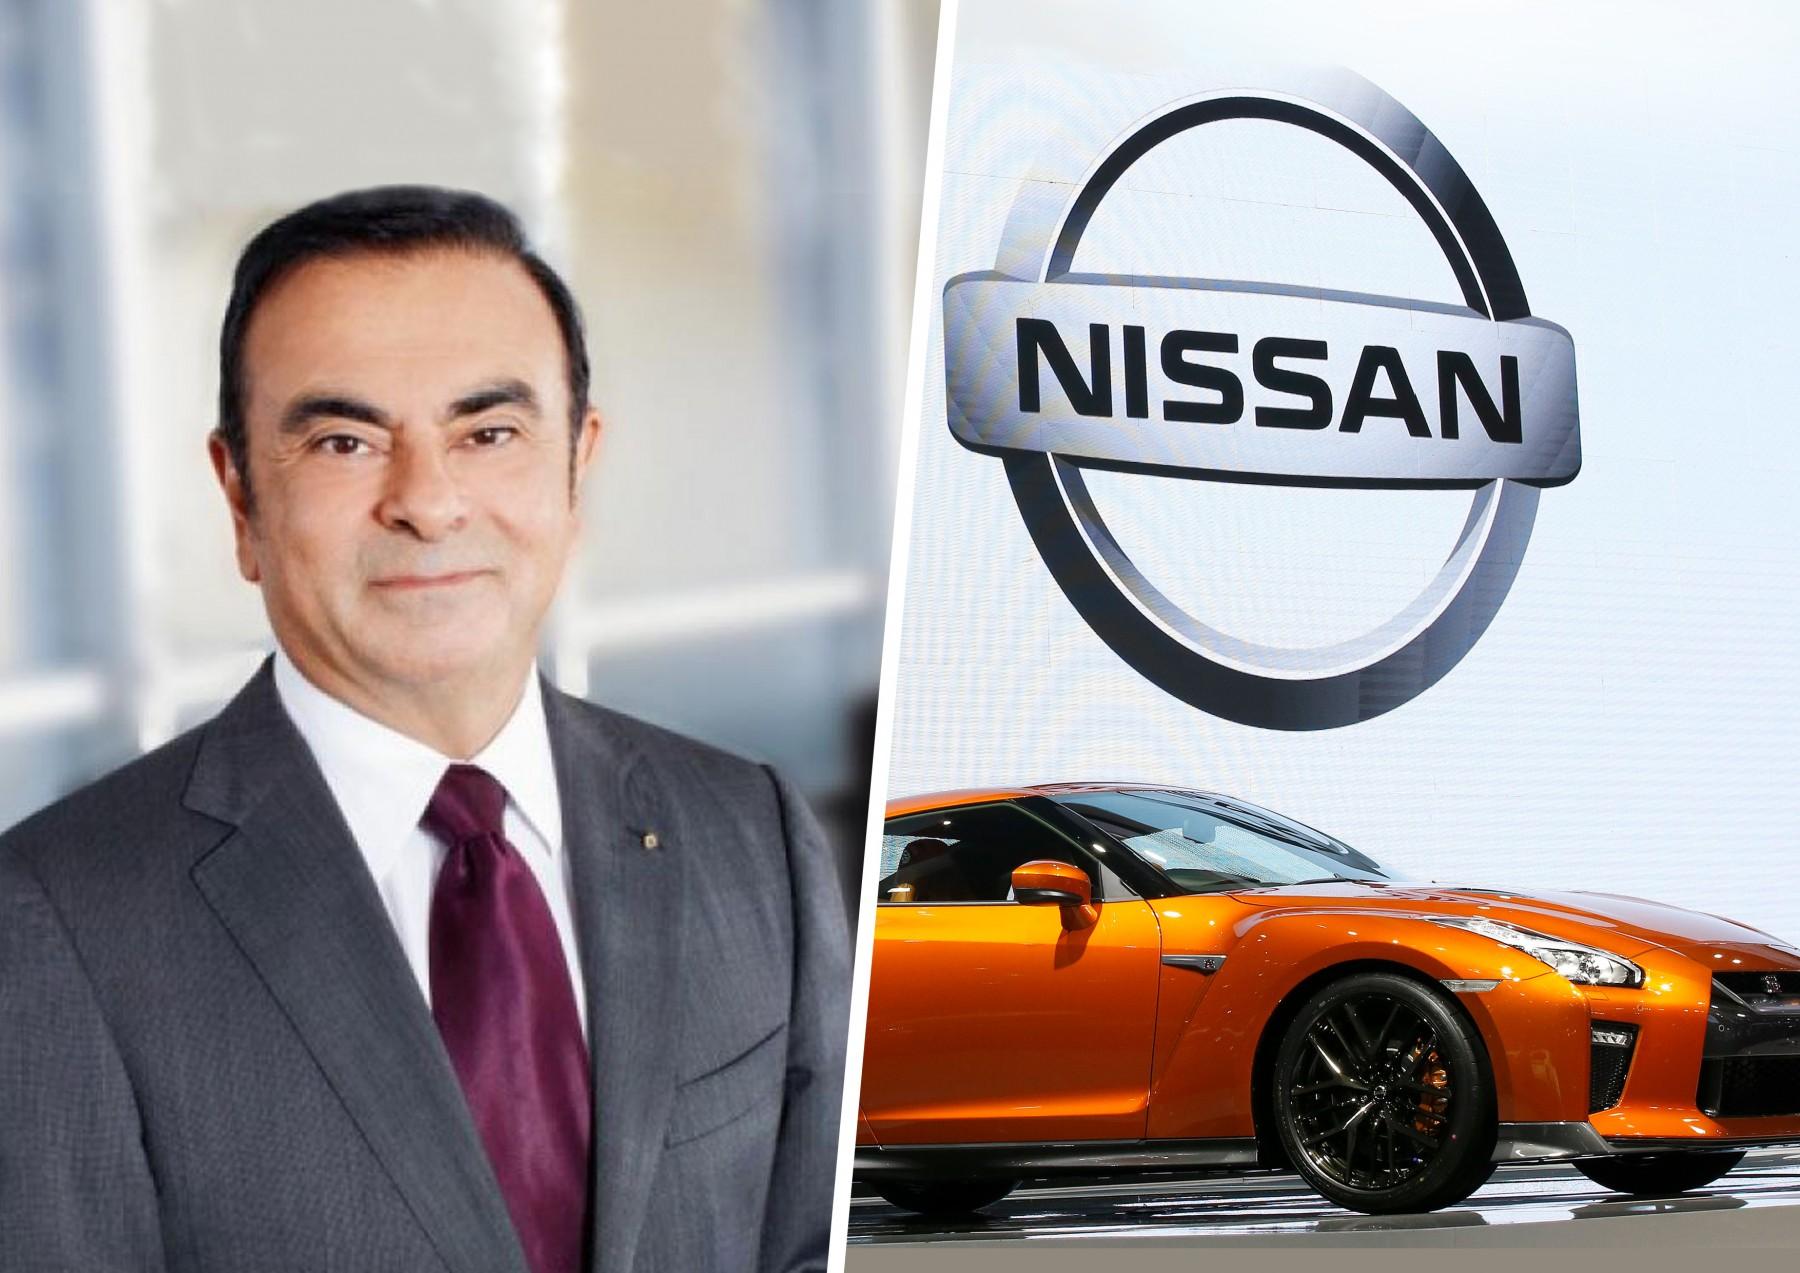 Συνελήφθη στην Ιαπωνία ο επικεφαλής της Nissan